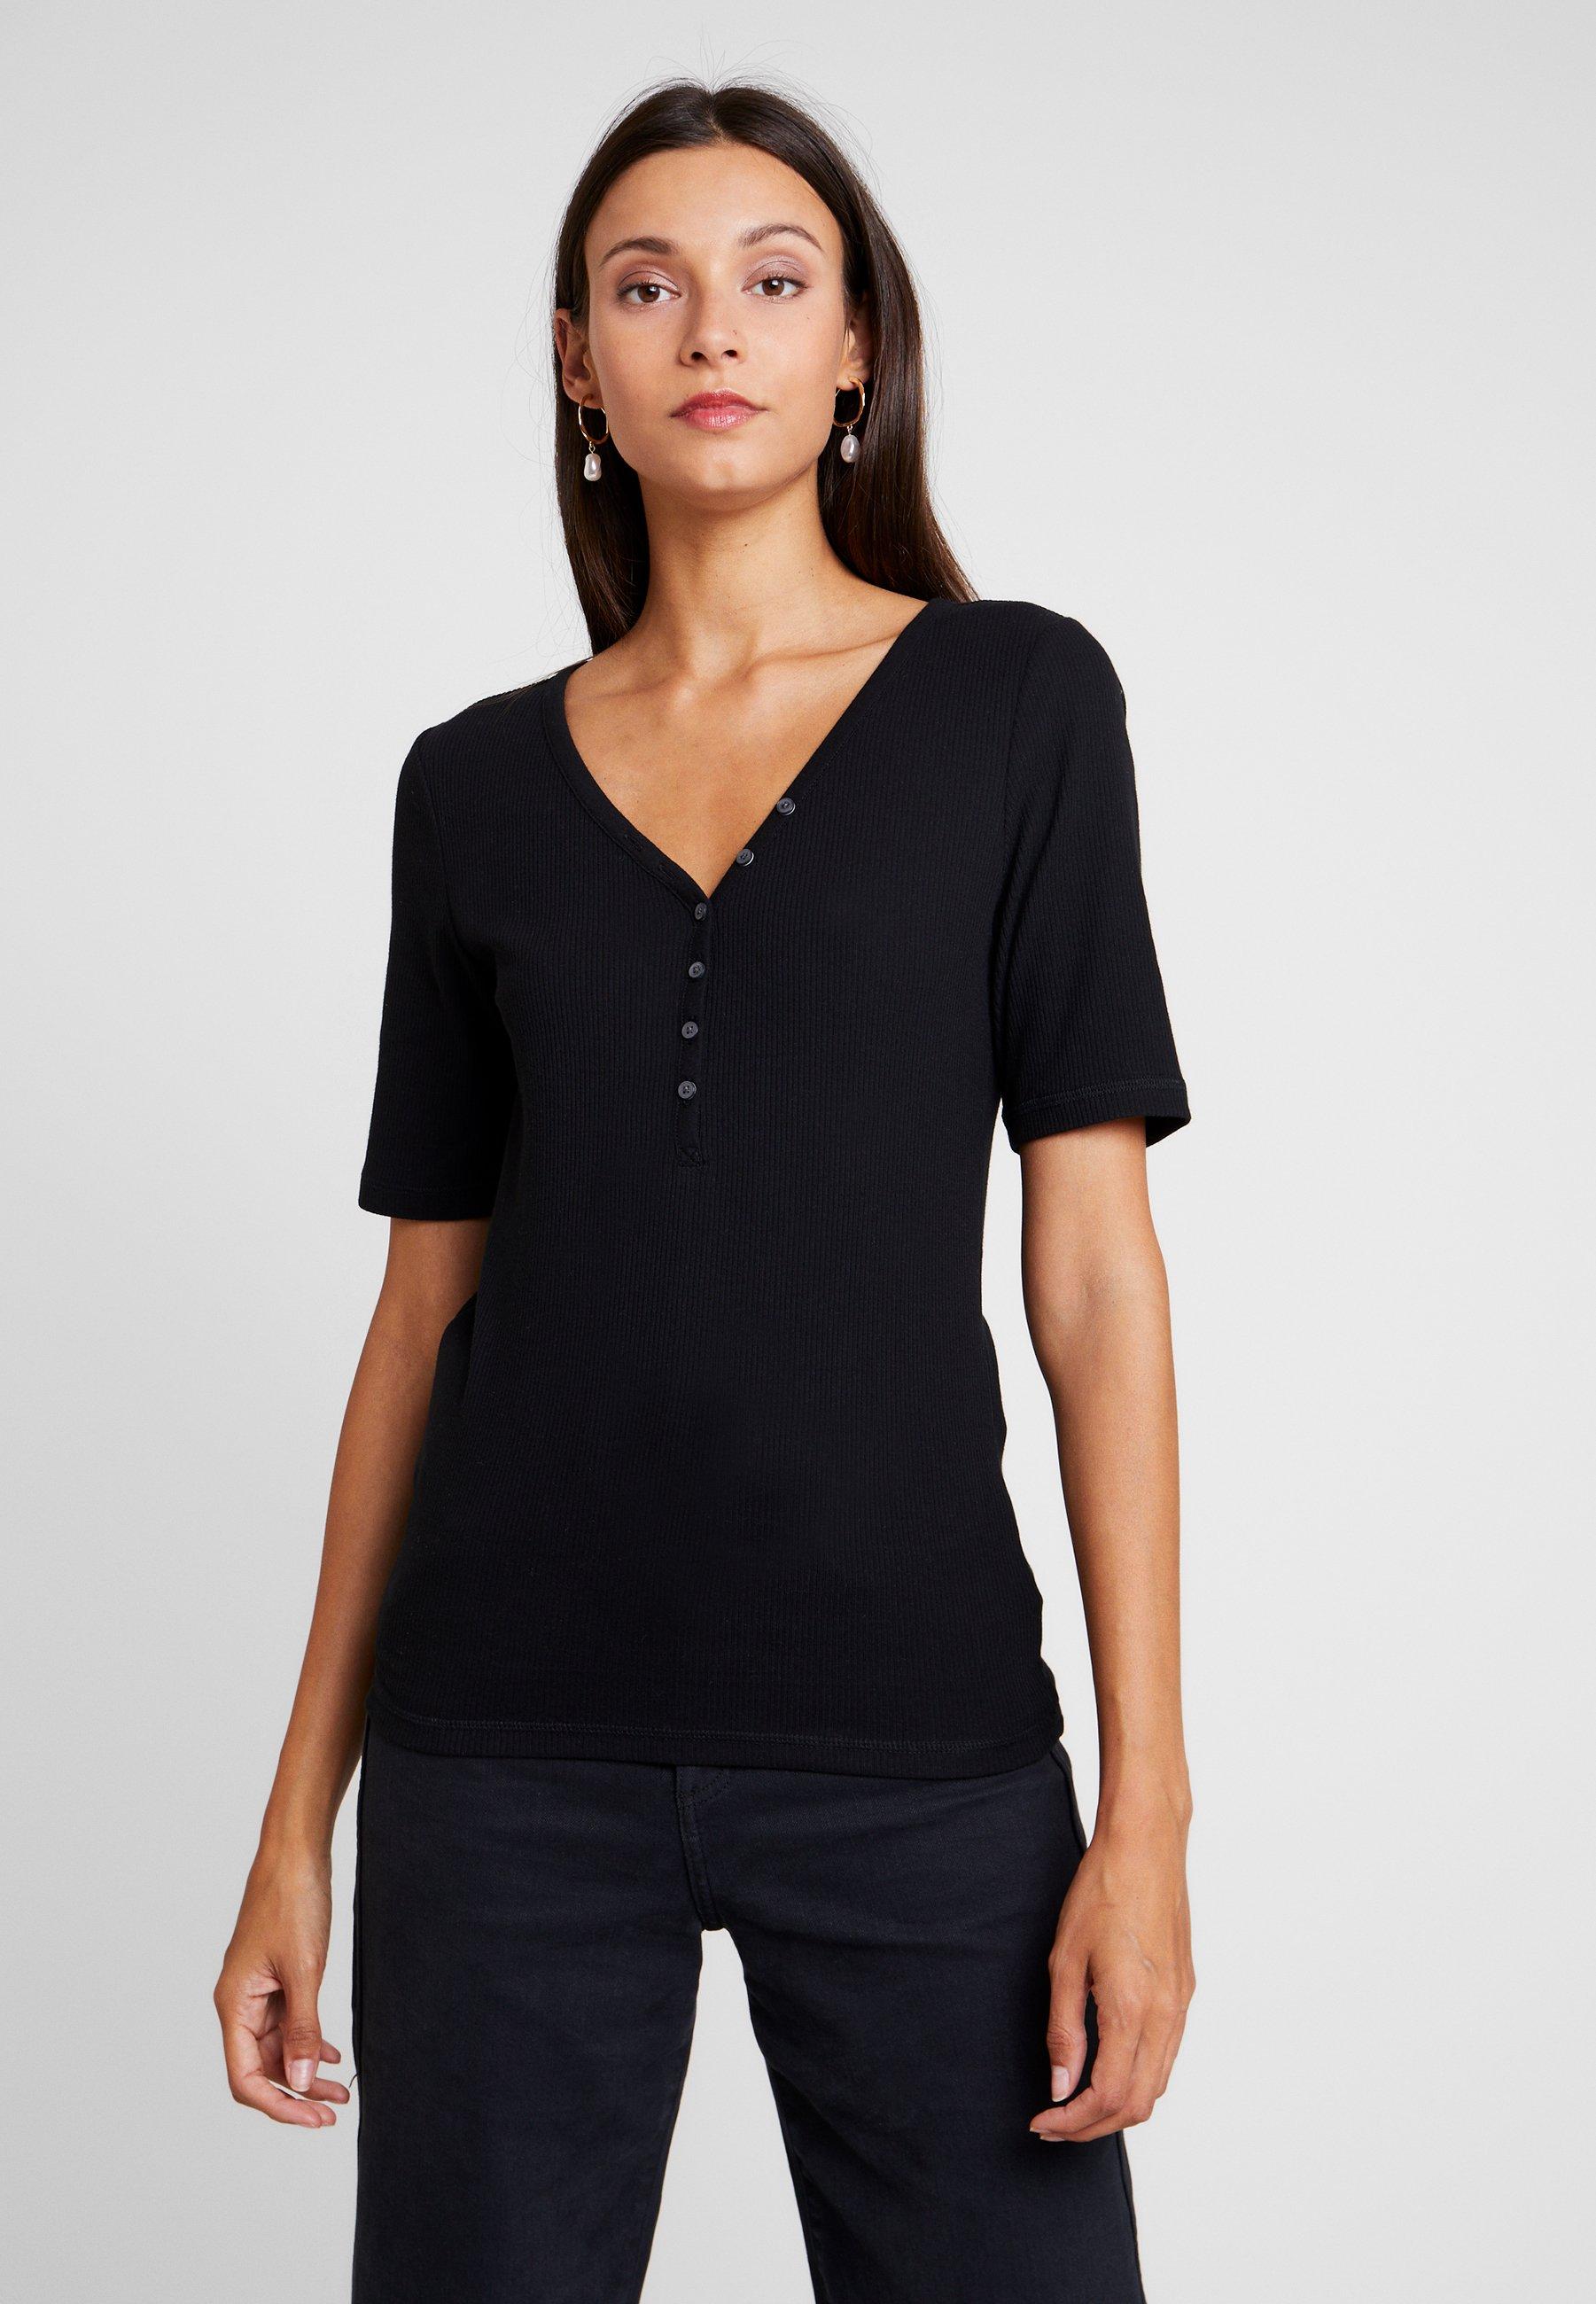 Gap T Gap T shirt Black ImpriméTrue shirt BeQrCodxW